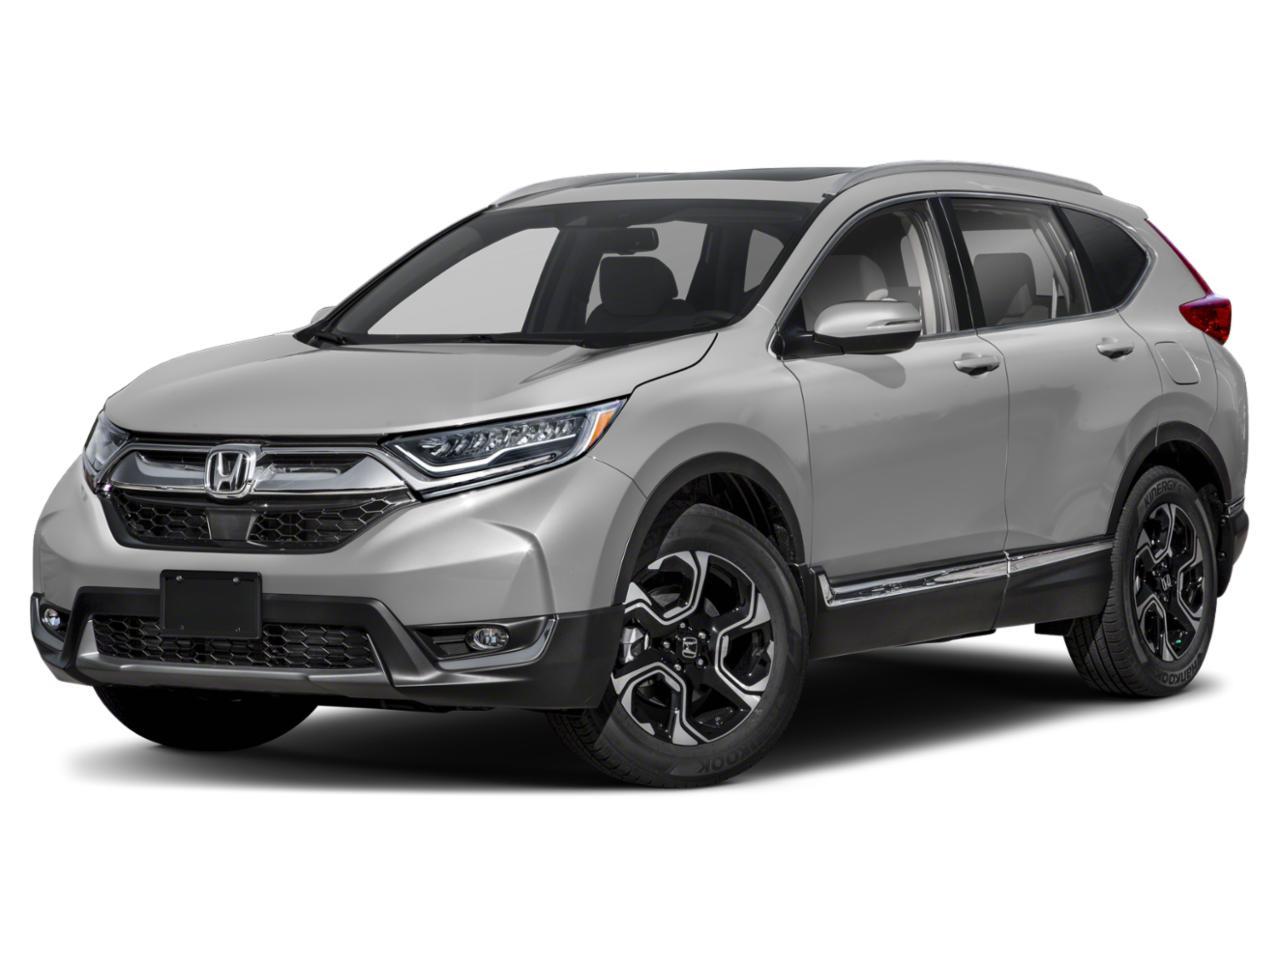 2019 Honda CR-V Vehicle Photo in Appleton, WI 54913